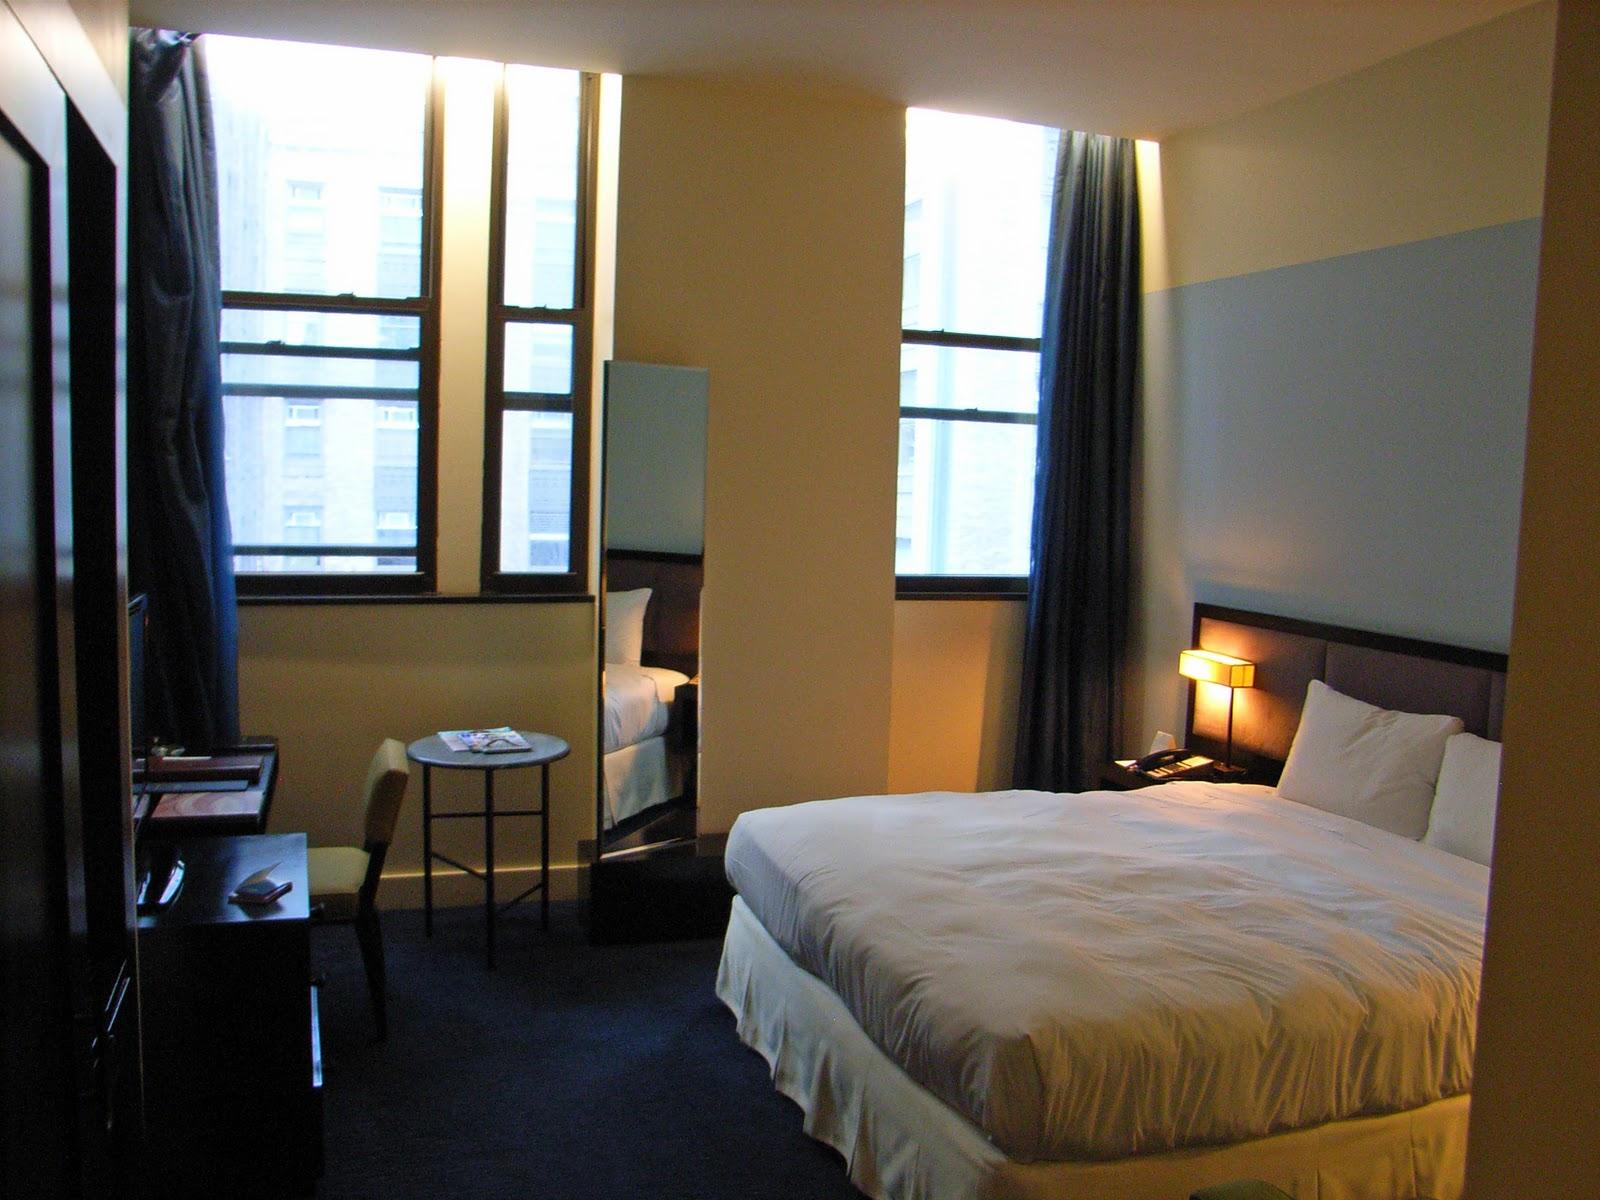 Los placeres de la vida for Piso 9 del hotel madero